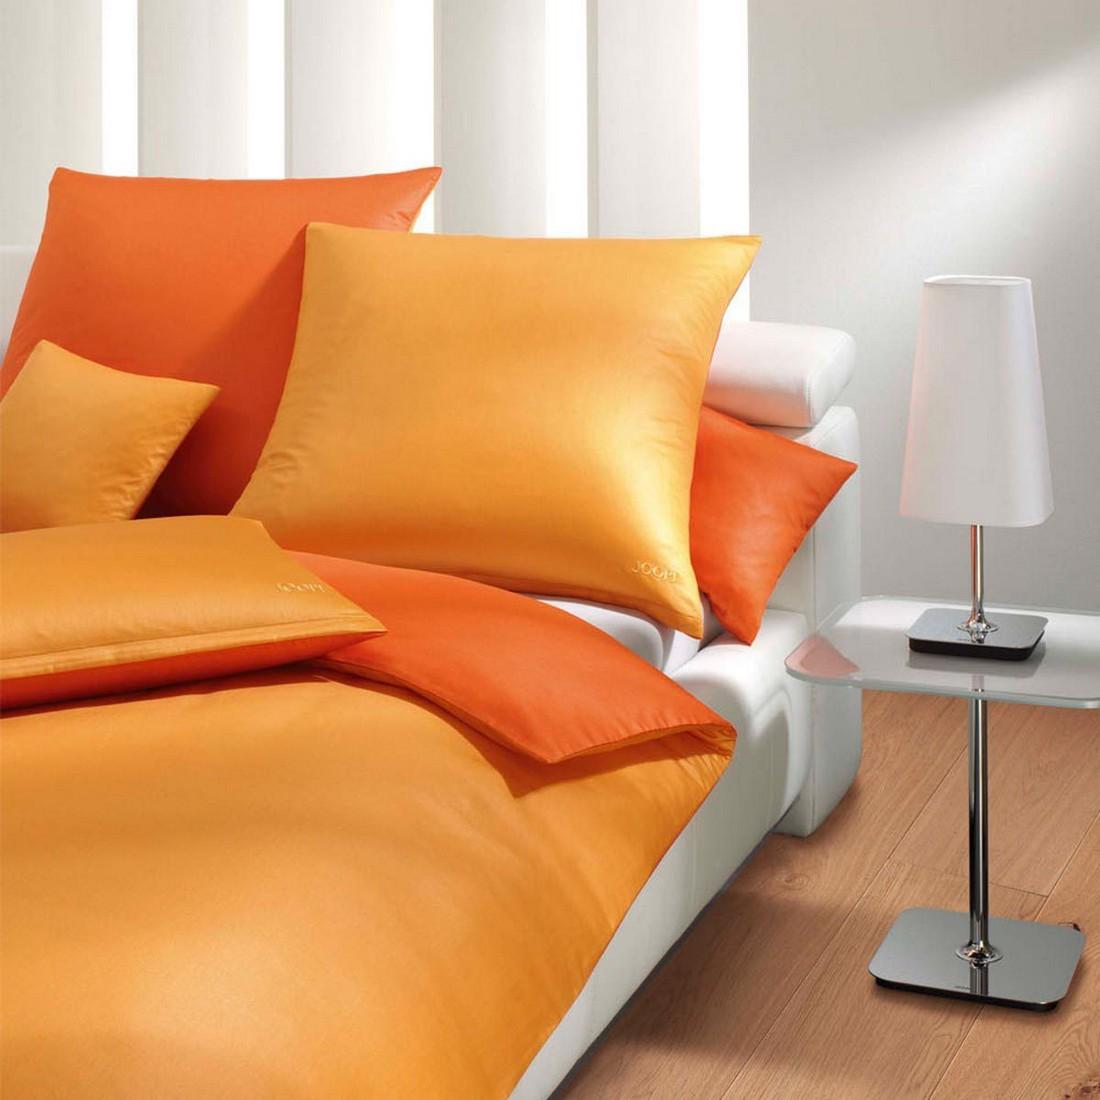 Bettwäsche Micro Pattern Orange 4040-8 – 100% Baumwolle – Mehrfarbig – 135 x 200 cm, Joop günstig online kaufen